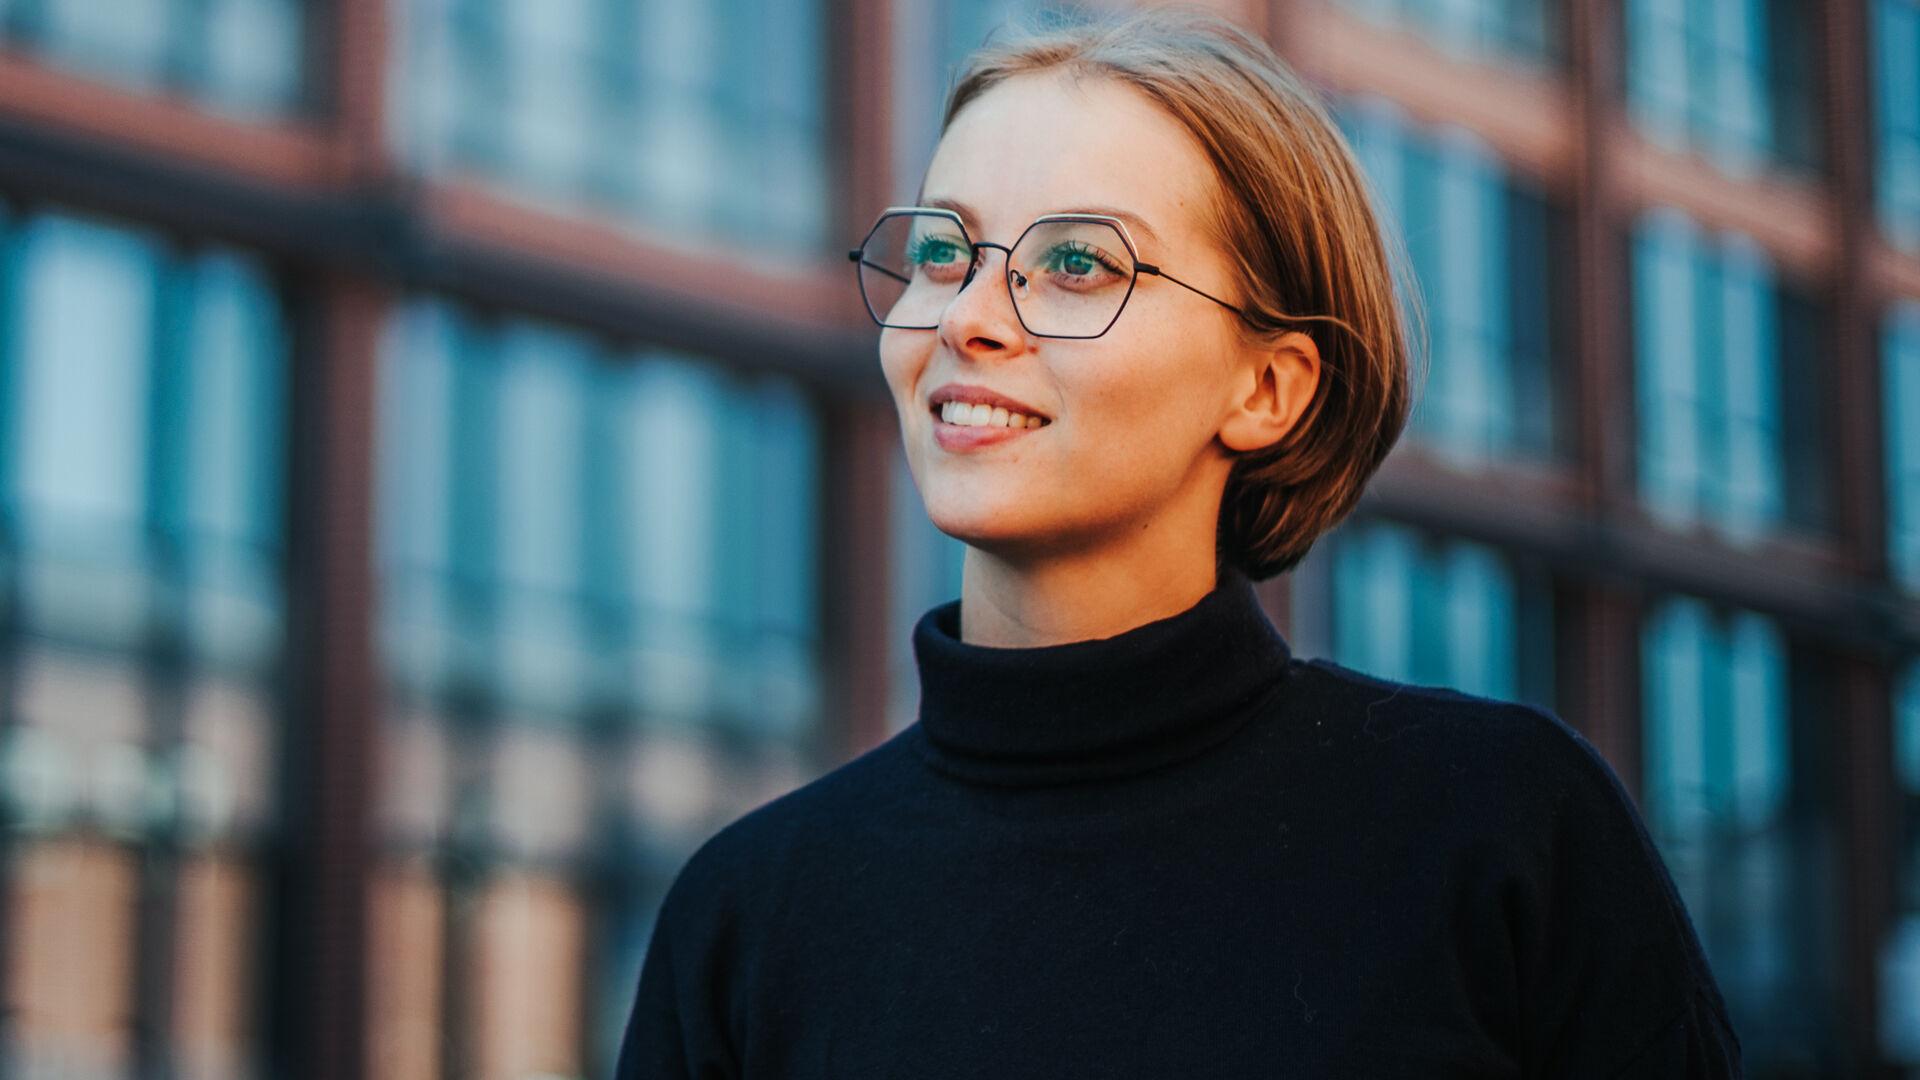 Kesän silmälasimuoti 2021 on vahva sekoitus särmää ja retroa